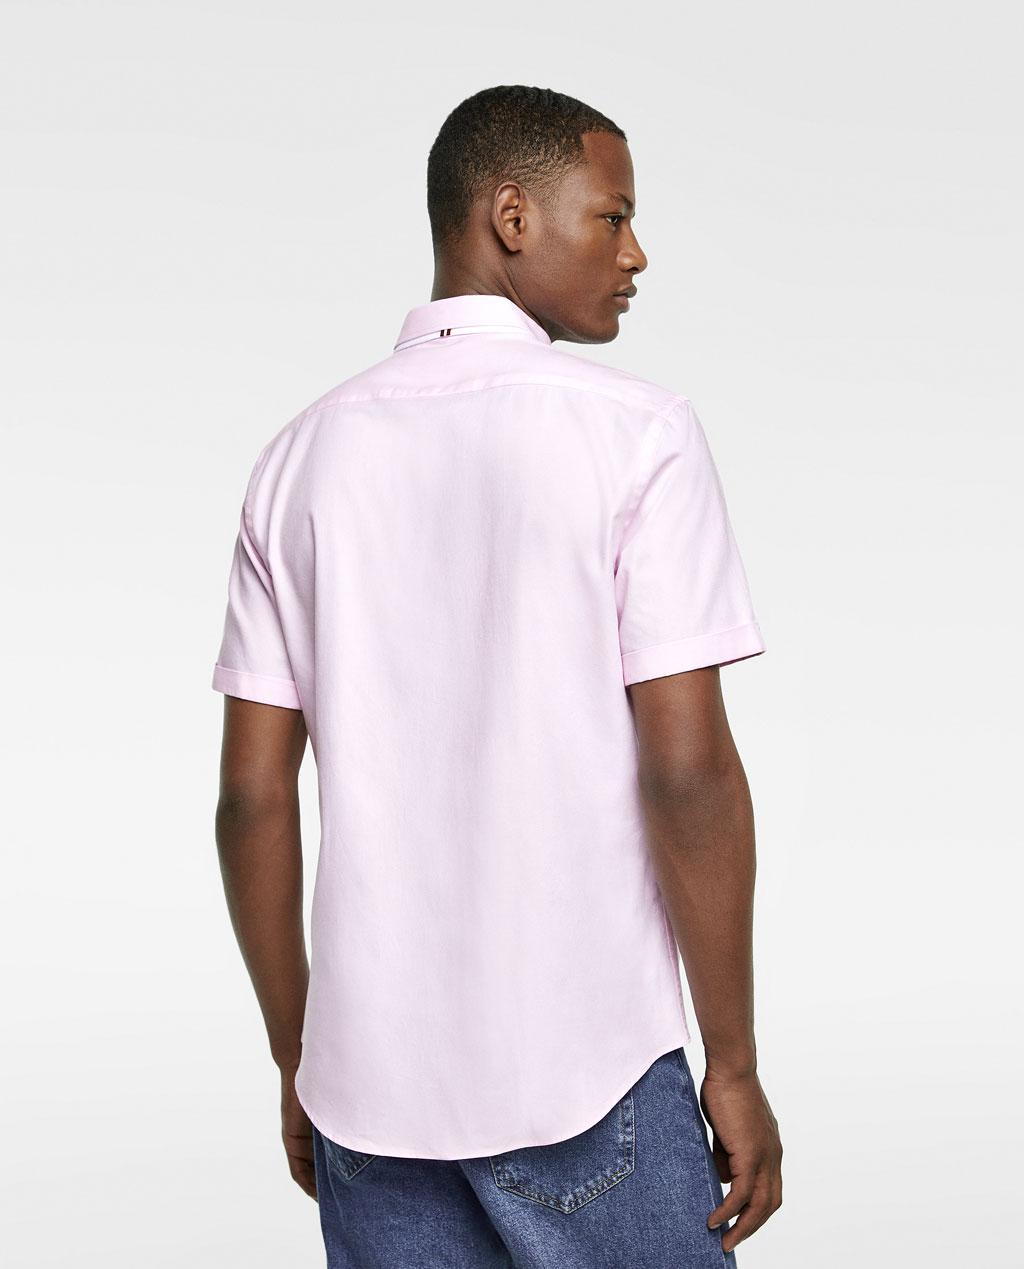 Thời trang nam Zara  23960 - ảnh 5